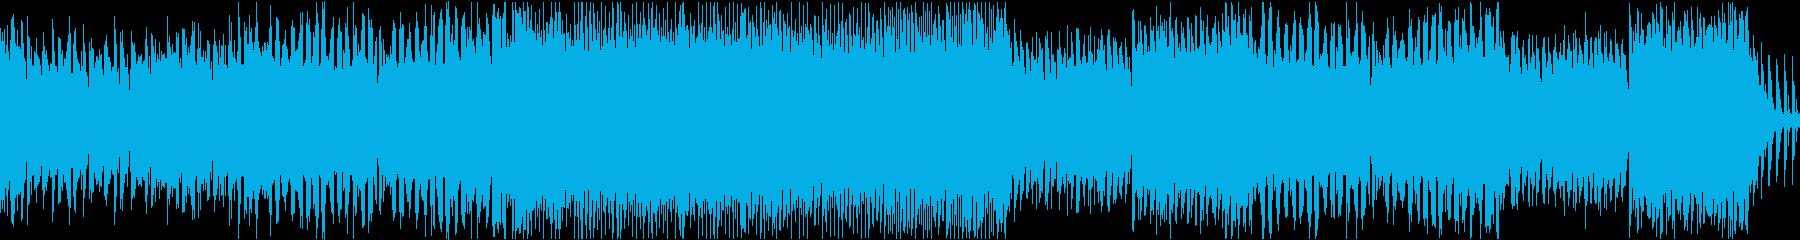 ダブステップ アクション EDMの再生済みの波形